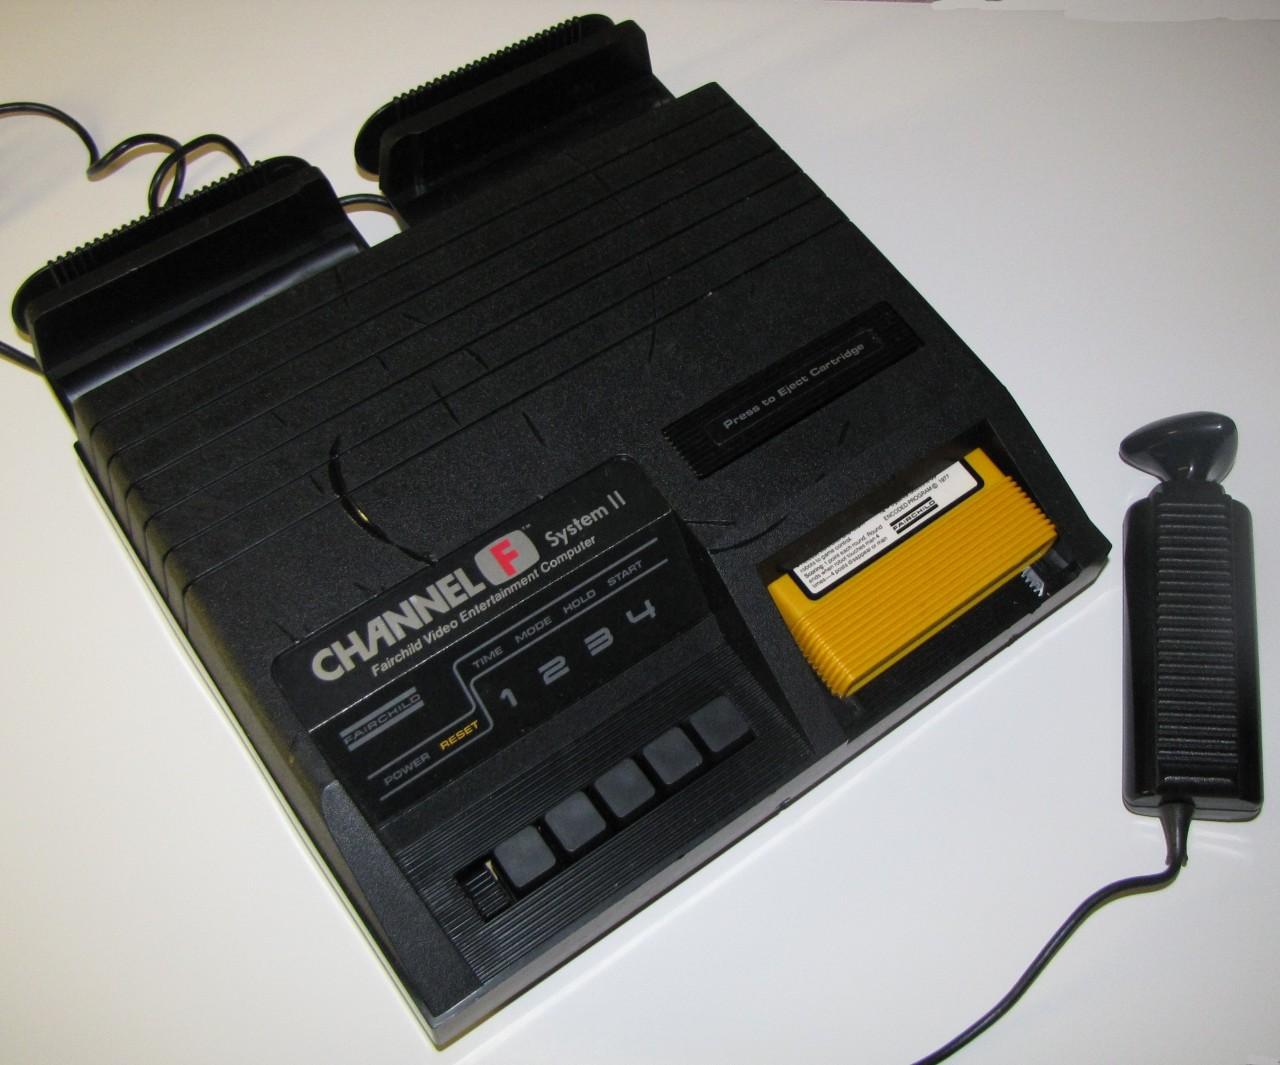 4. Fairchild Channel F Игровые приставки, игры, компьютеры, технологии